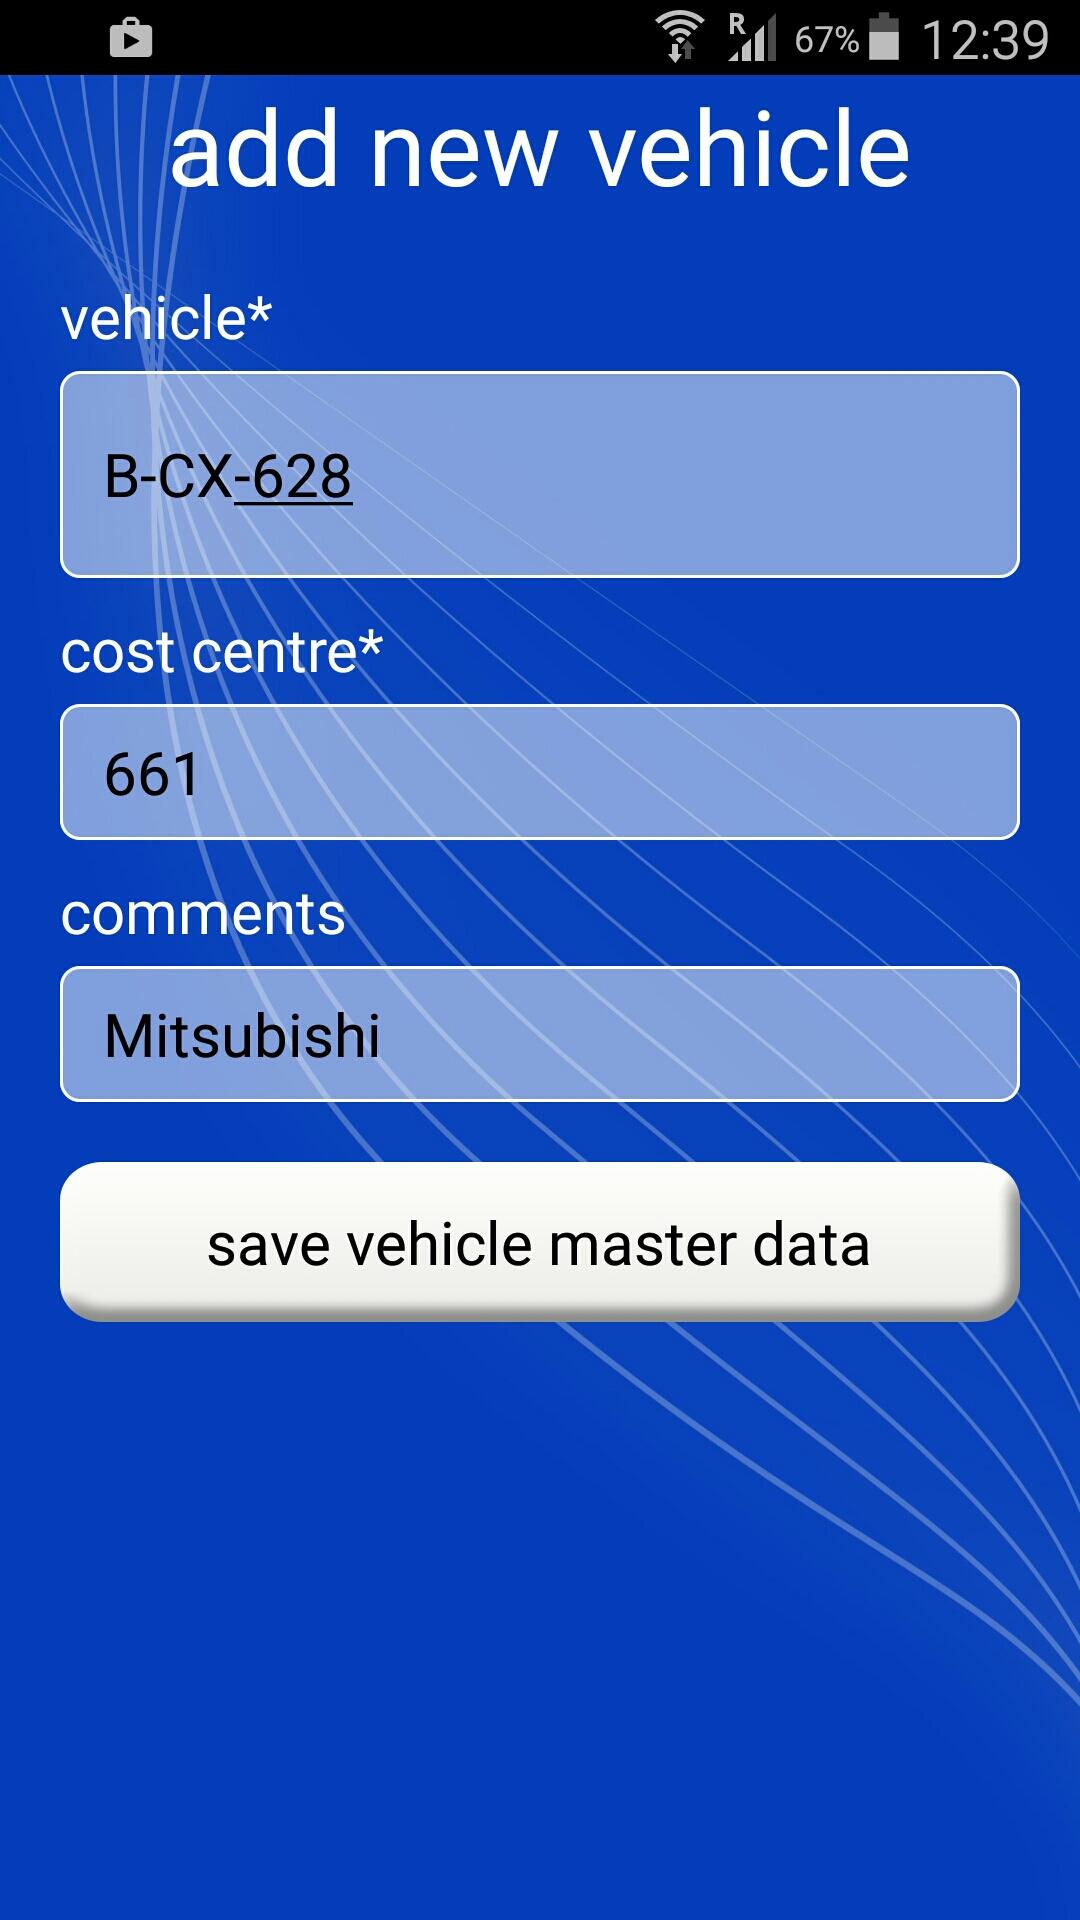 ginstr_app_busTransportationReport_EN_7